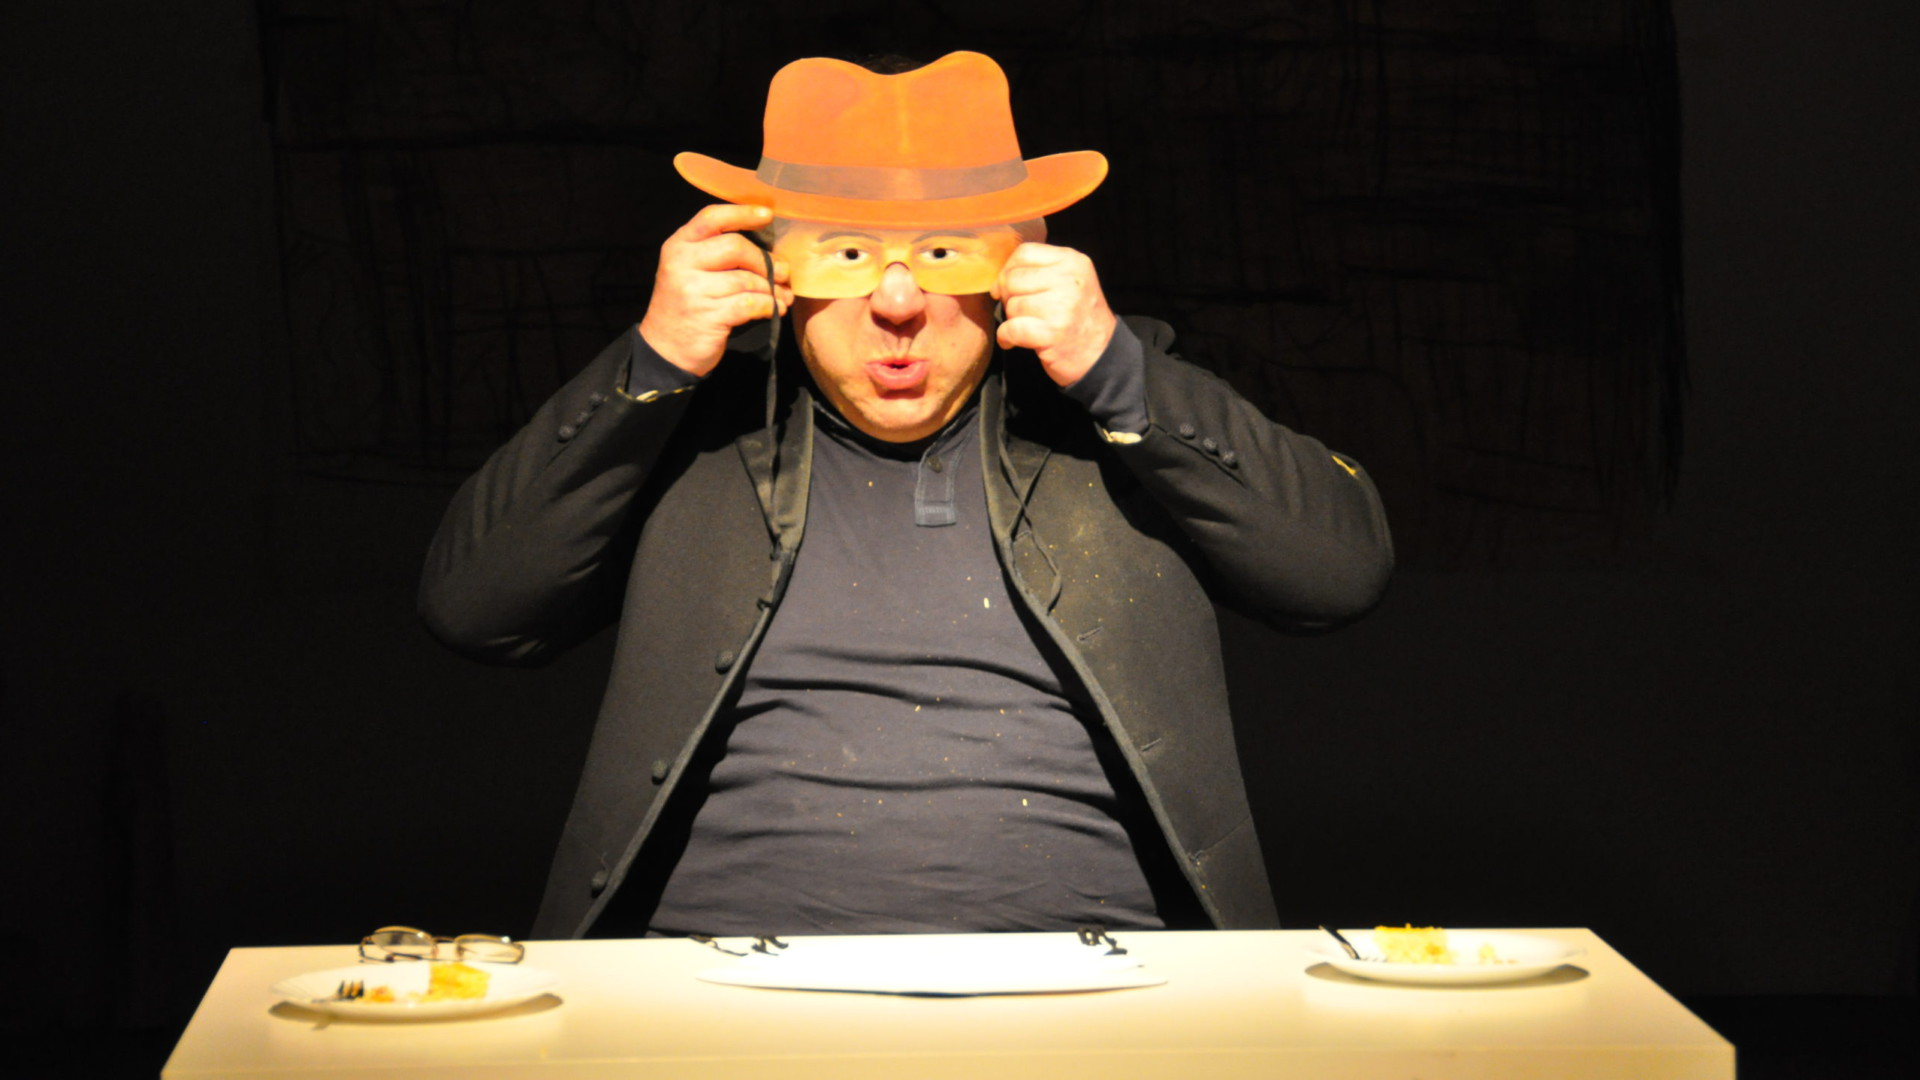 Szenenfoto aus einer Auffuehrung: Ein Mann sitzt an einem Tisch auf einer Theaterbühne und hält sich eine Maske vor das Gesicht.